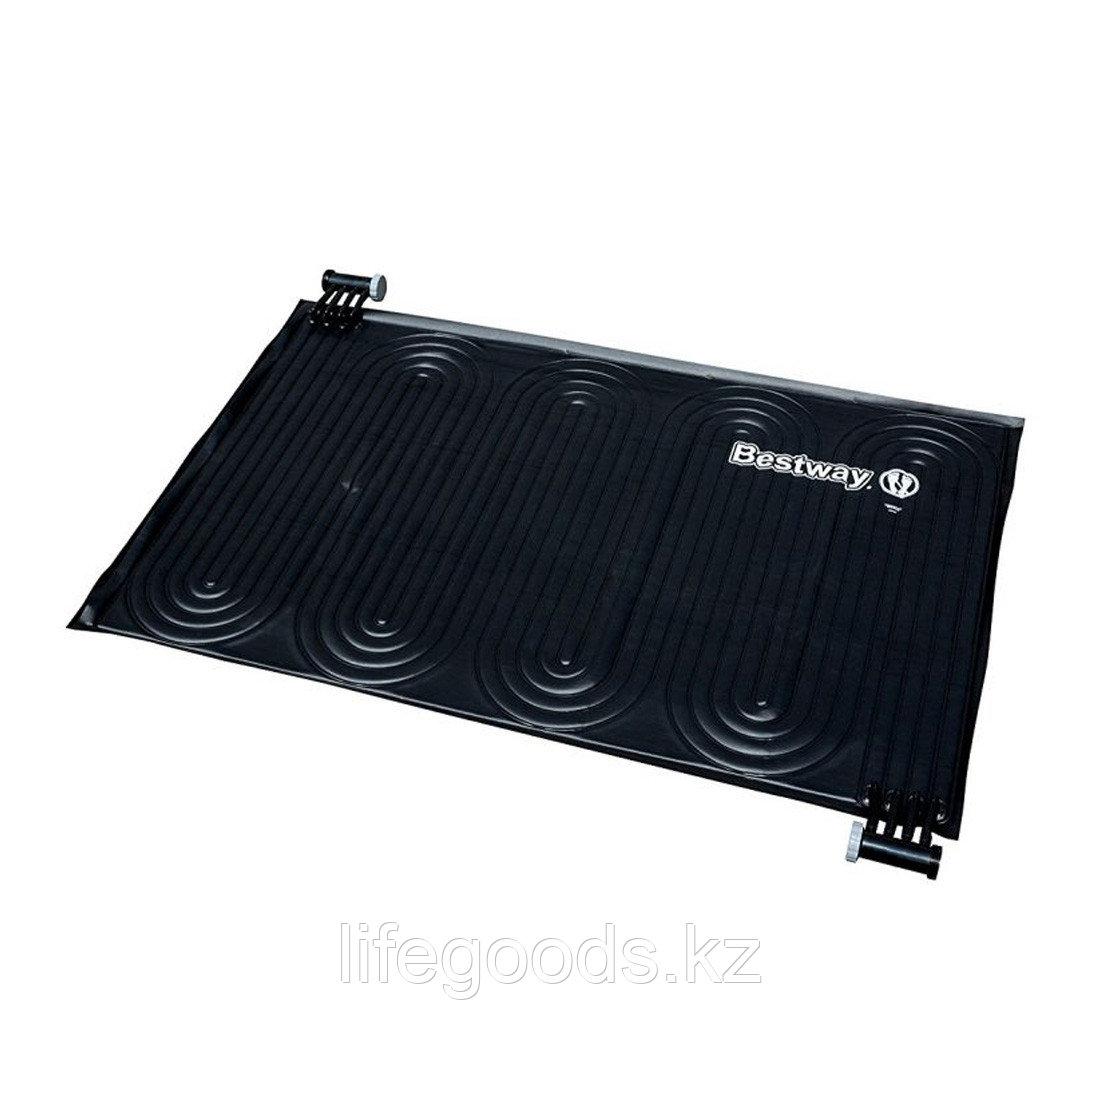 Солнечный нагреватель для бассейнов 110х171 см, Bestway 58423